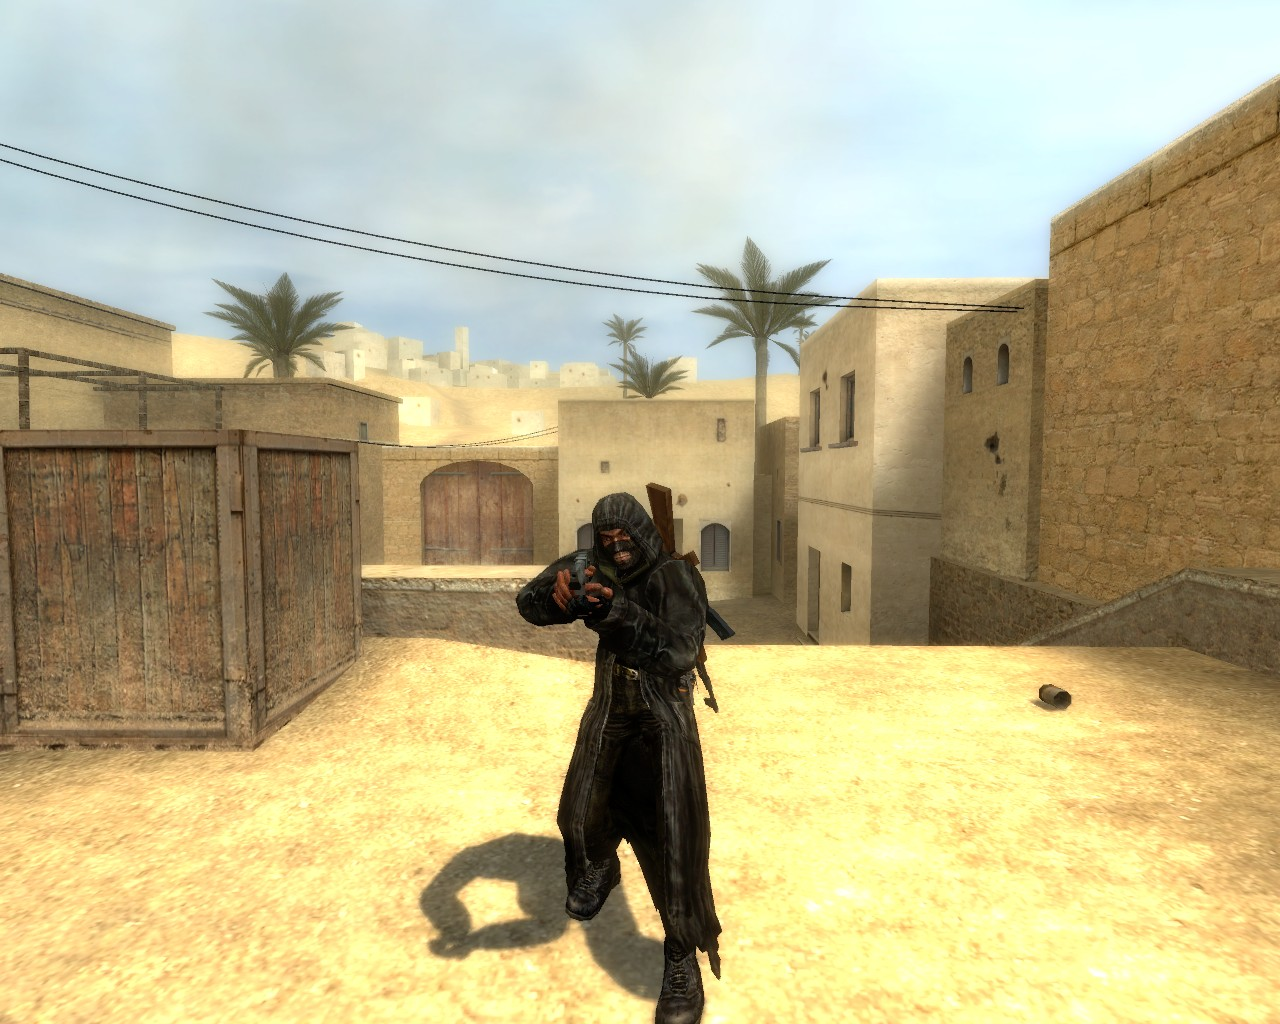 Скин из игры Сталкер (Bandit cloaks from S.T.A.L.K.E.R.)